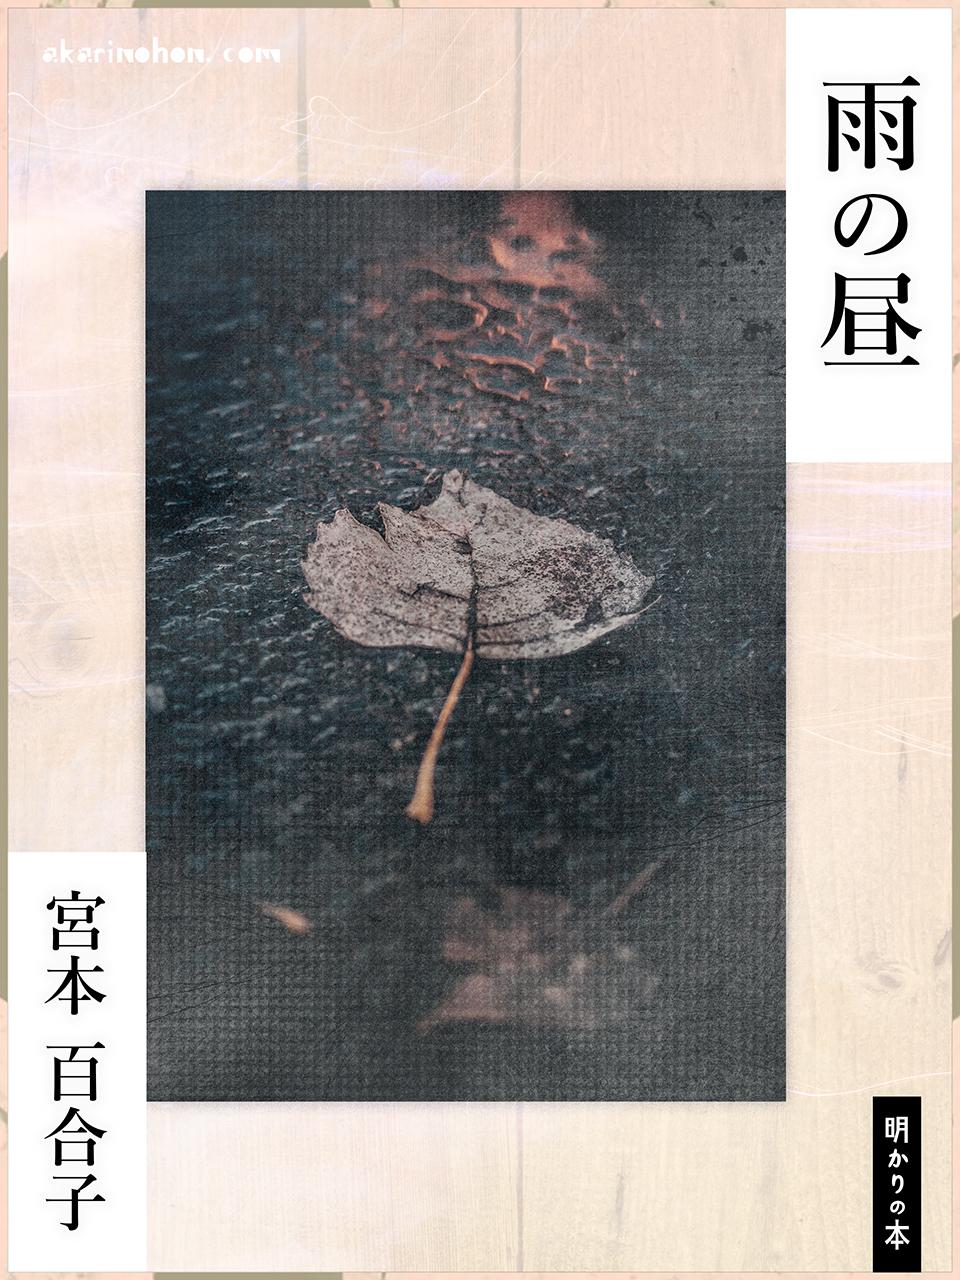 0000 - 雨の昼 宮本百合子